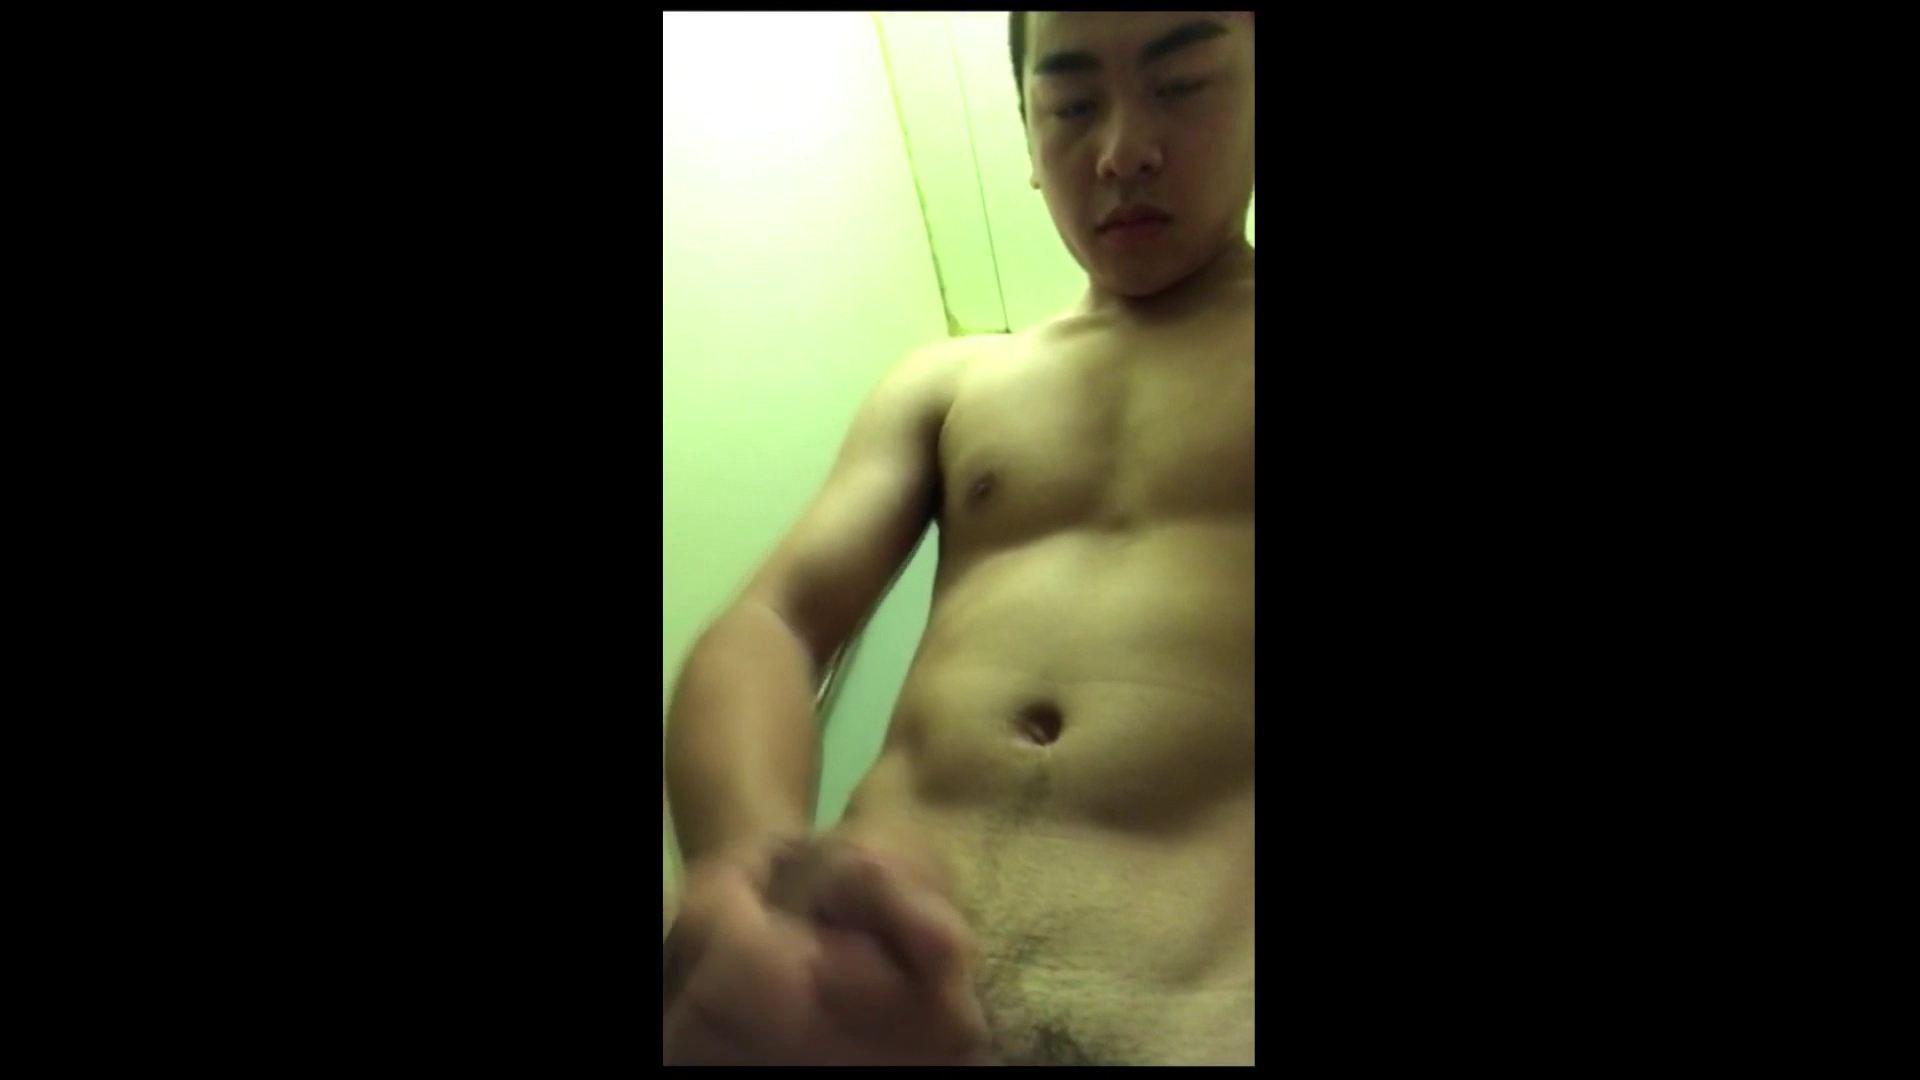 個人撮影 自慰の極意 Vol.2 個人撮影 | 手コキ ゲイエロ動画 79pic 43